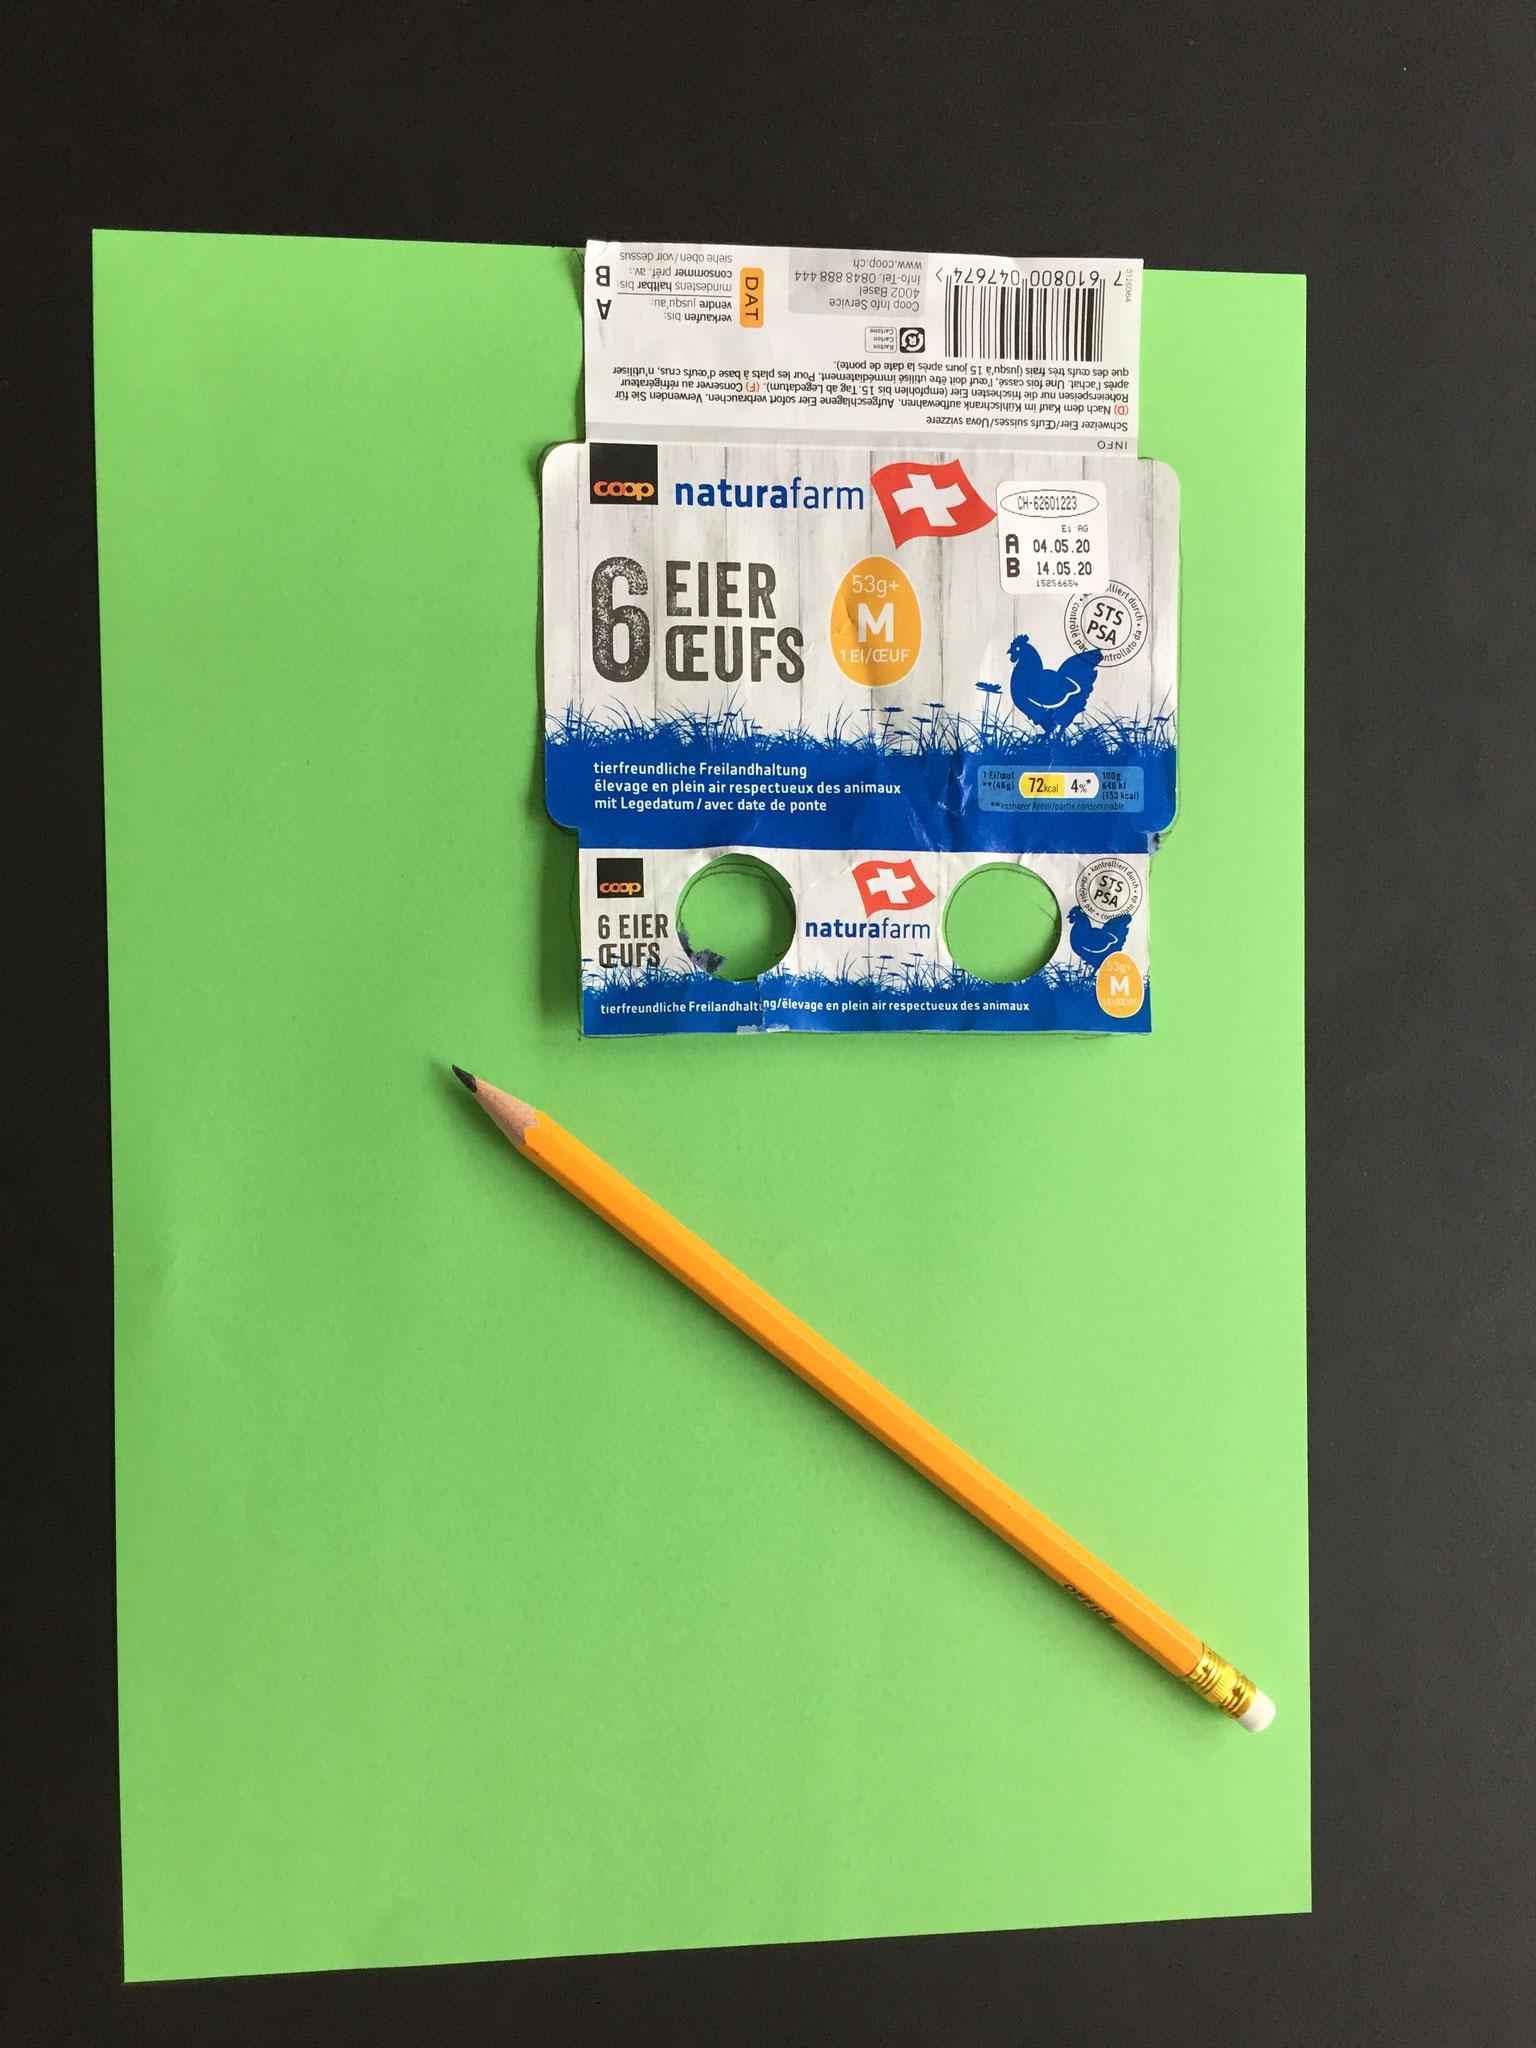 Du legst die Etikette der Eier-Schachtel auf ein Papier. Mit dem Bleistift fährst du am Rand ringsum nach.